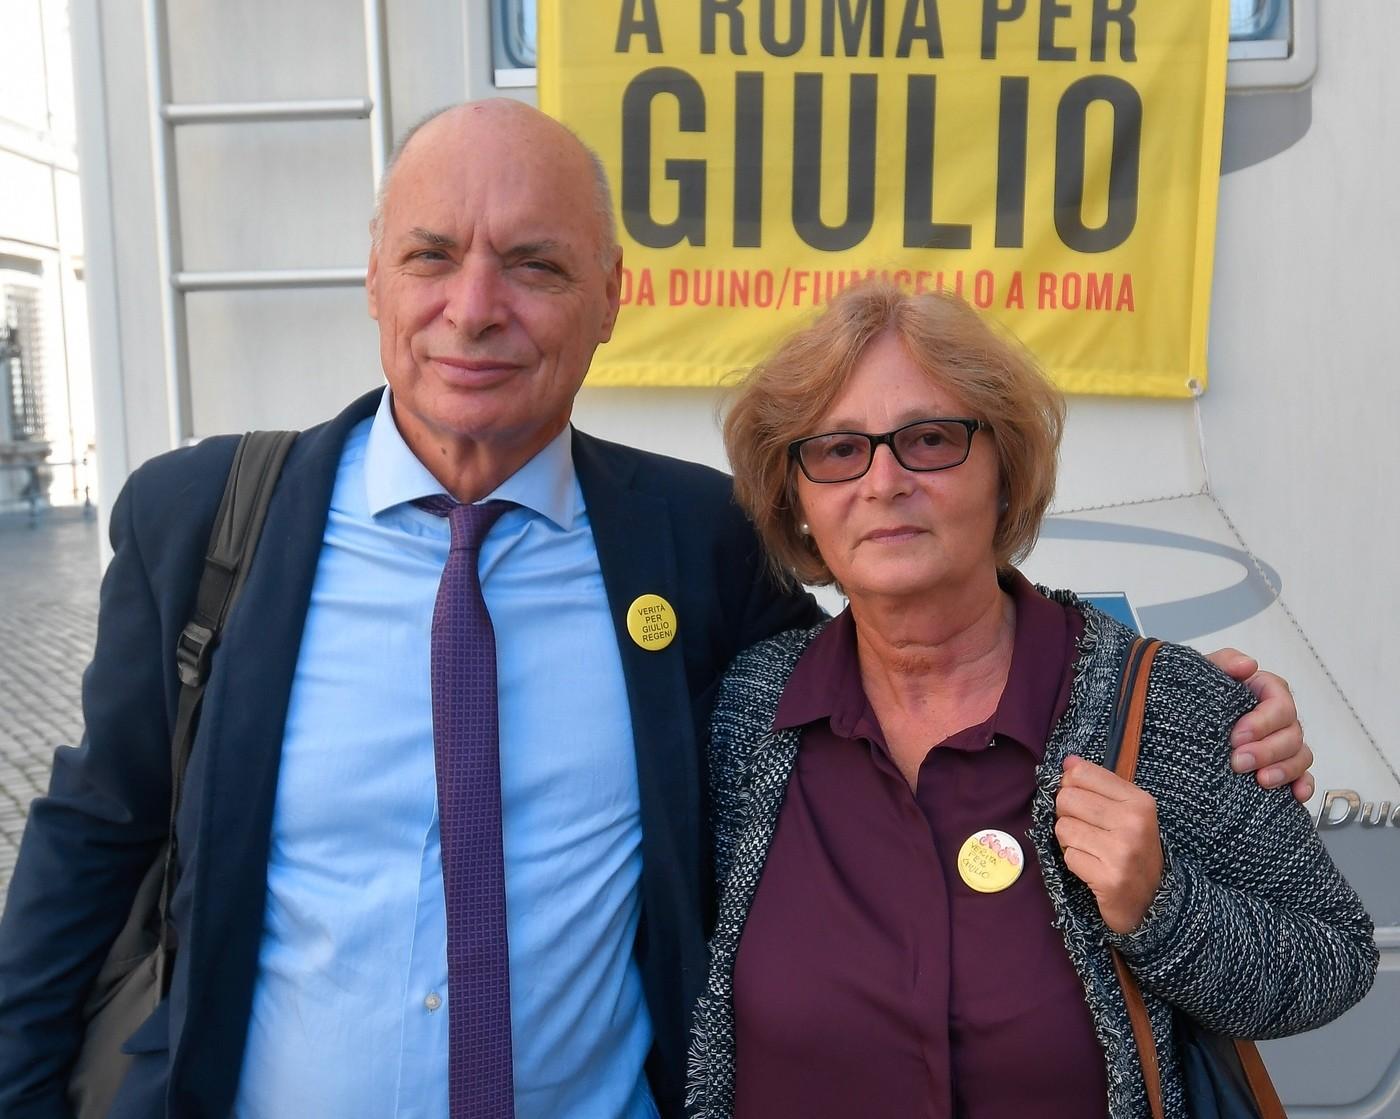 """Regeni, Conte risponde ai genitori di Giulio: """"Non avremo pace finché non avremo verità"""""""